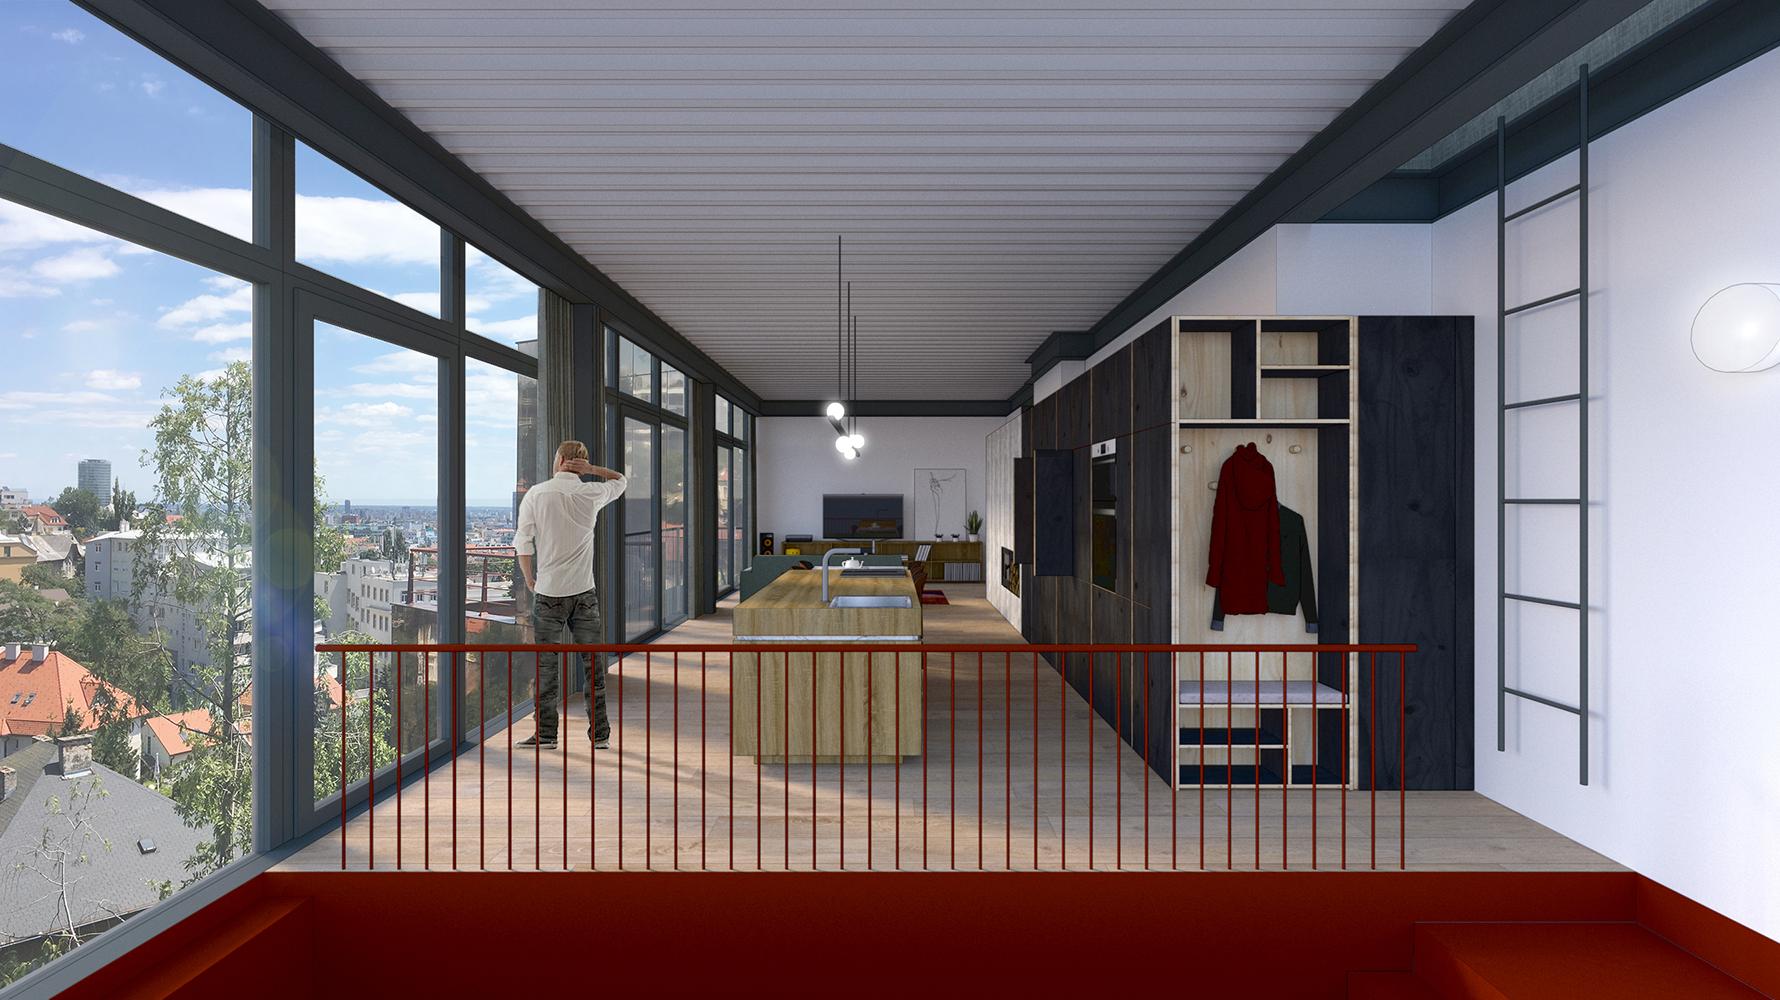 noiz-architekti-cervenova-01